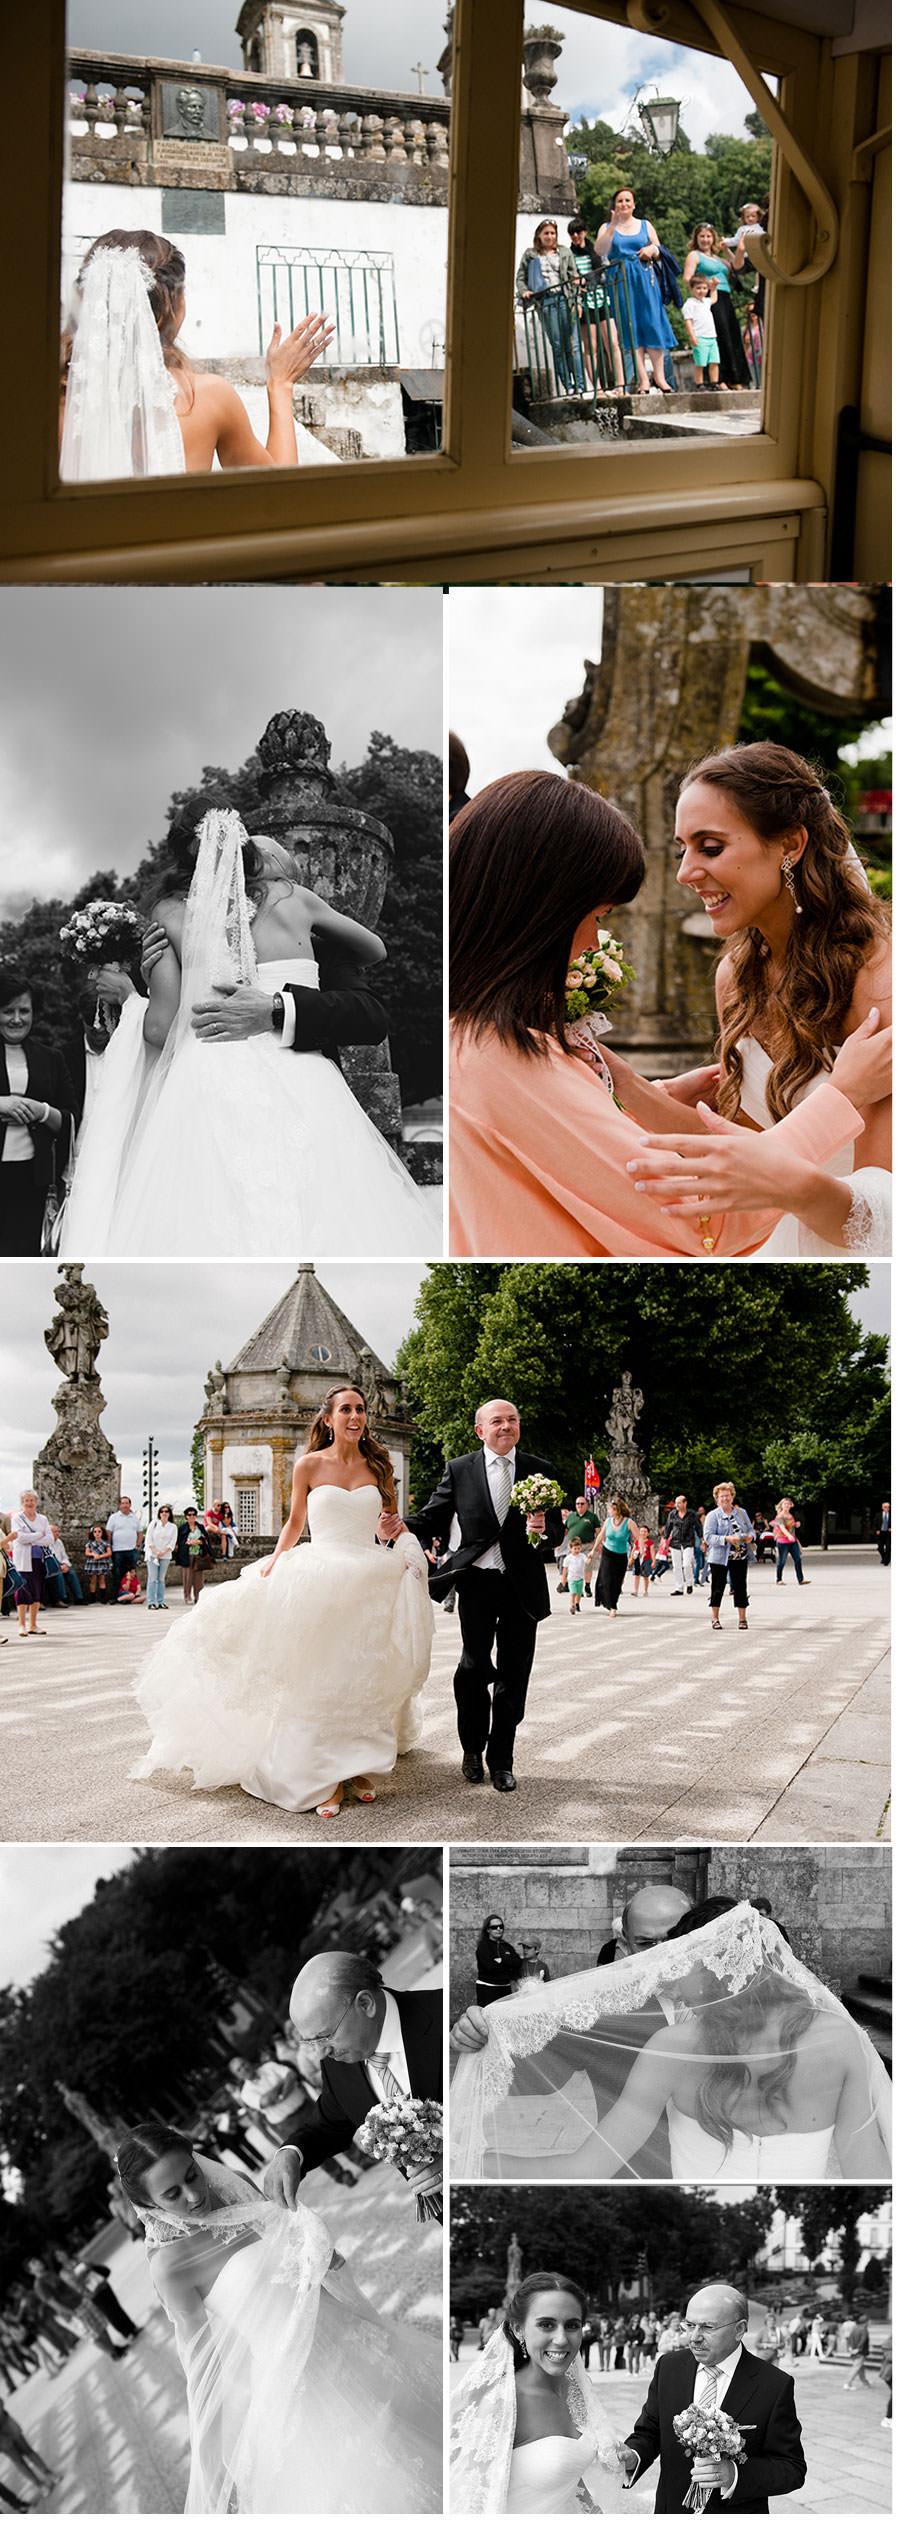 L + J   Bom Jesus Do Monte Wedding   Braga, Portugal   Destination Wedding Photographer 88